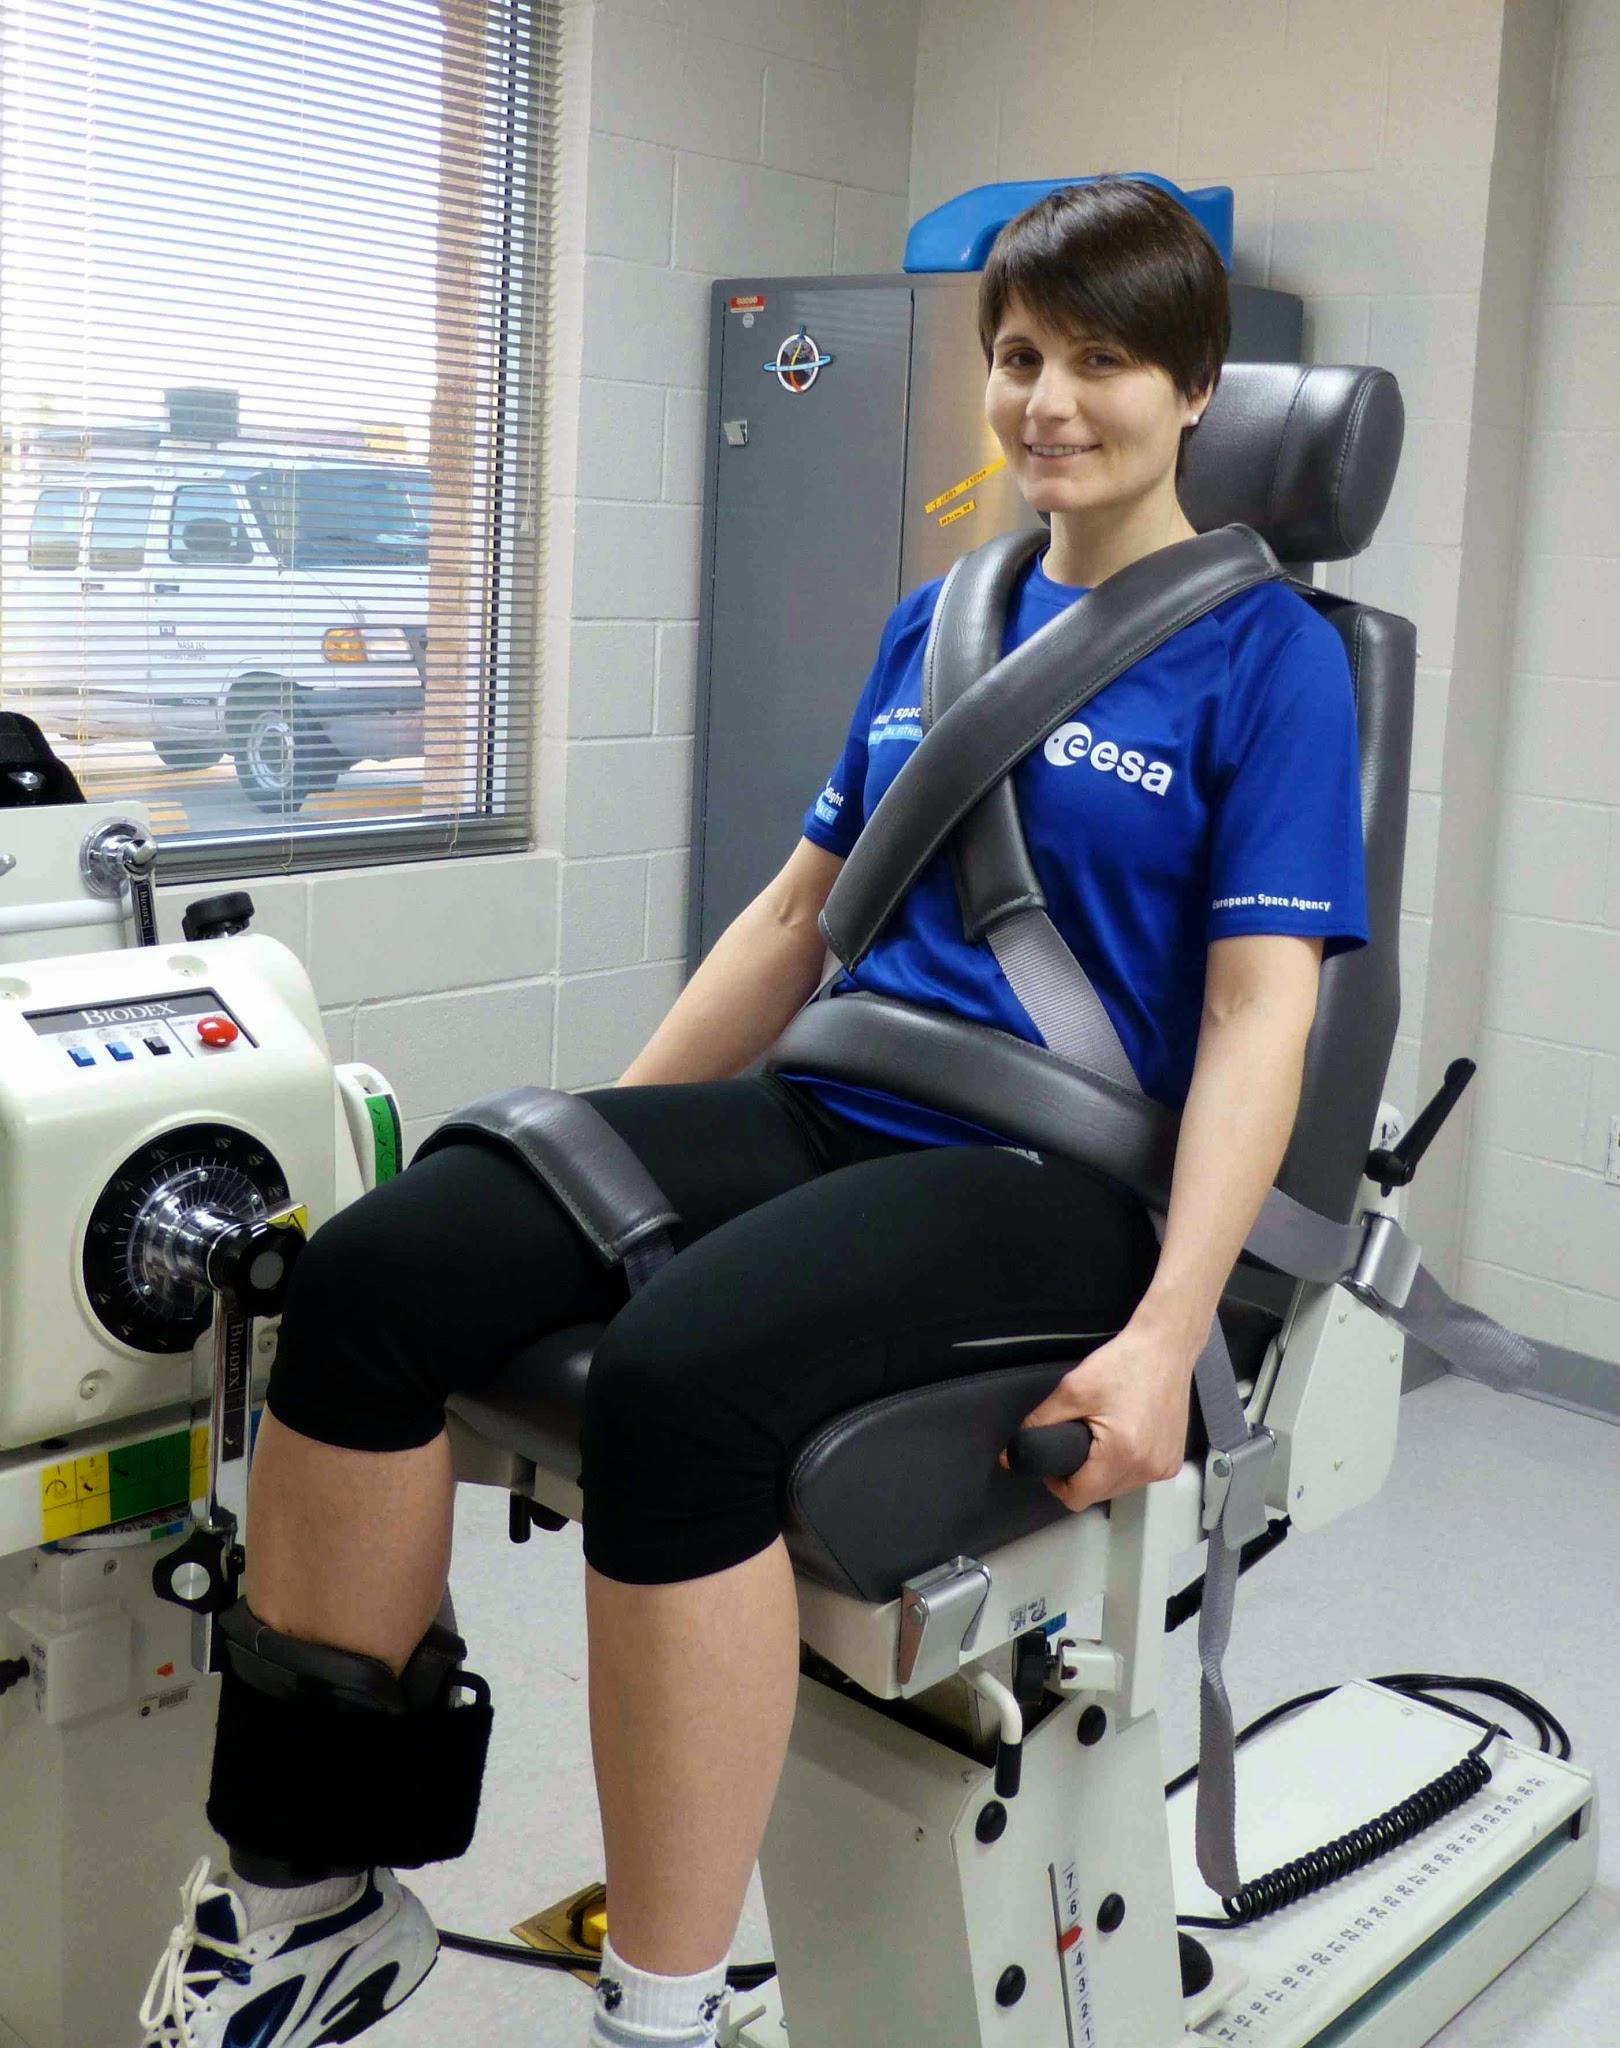 Samantha Cristoforetti esegue una misura di forza muscolare al JSC. Fonte: Samantha Cristoforetti